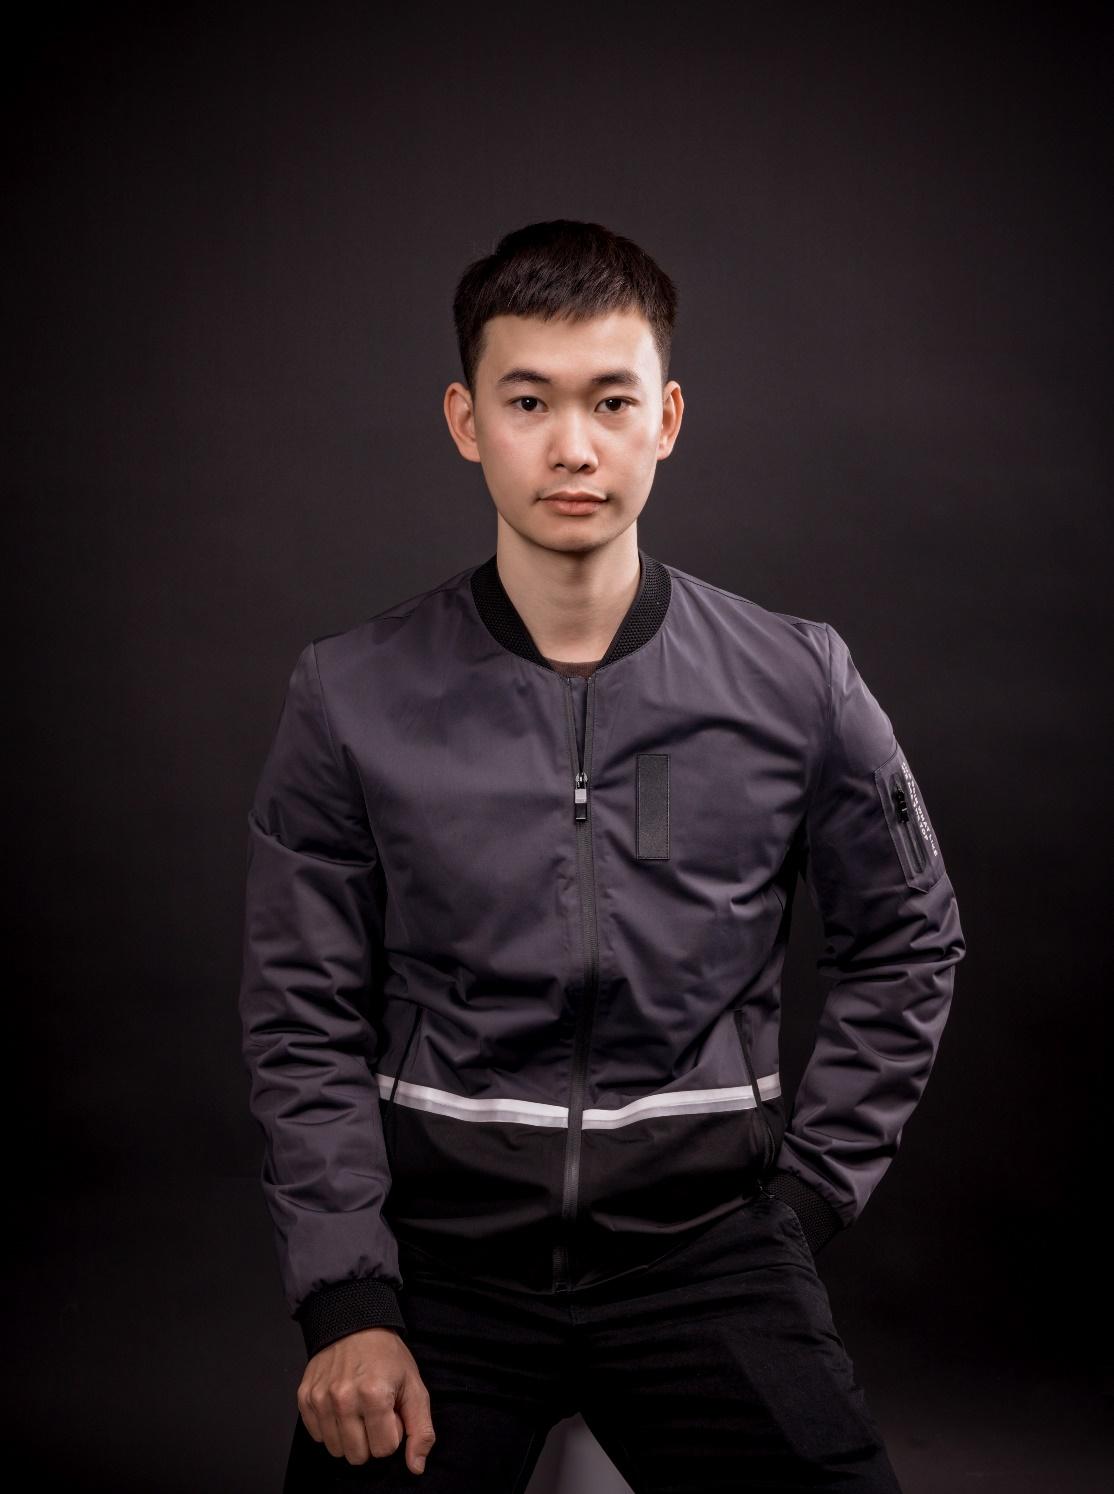 Nhiếp ảnh gia Lã Mạnh Tuấn ngày càng nổi tiếng nhờ áp dụng nguyên tắc ''Nỗ lực hơn mỗi ngày'' - Ảnh 2